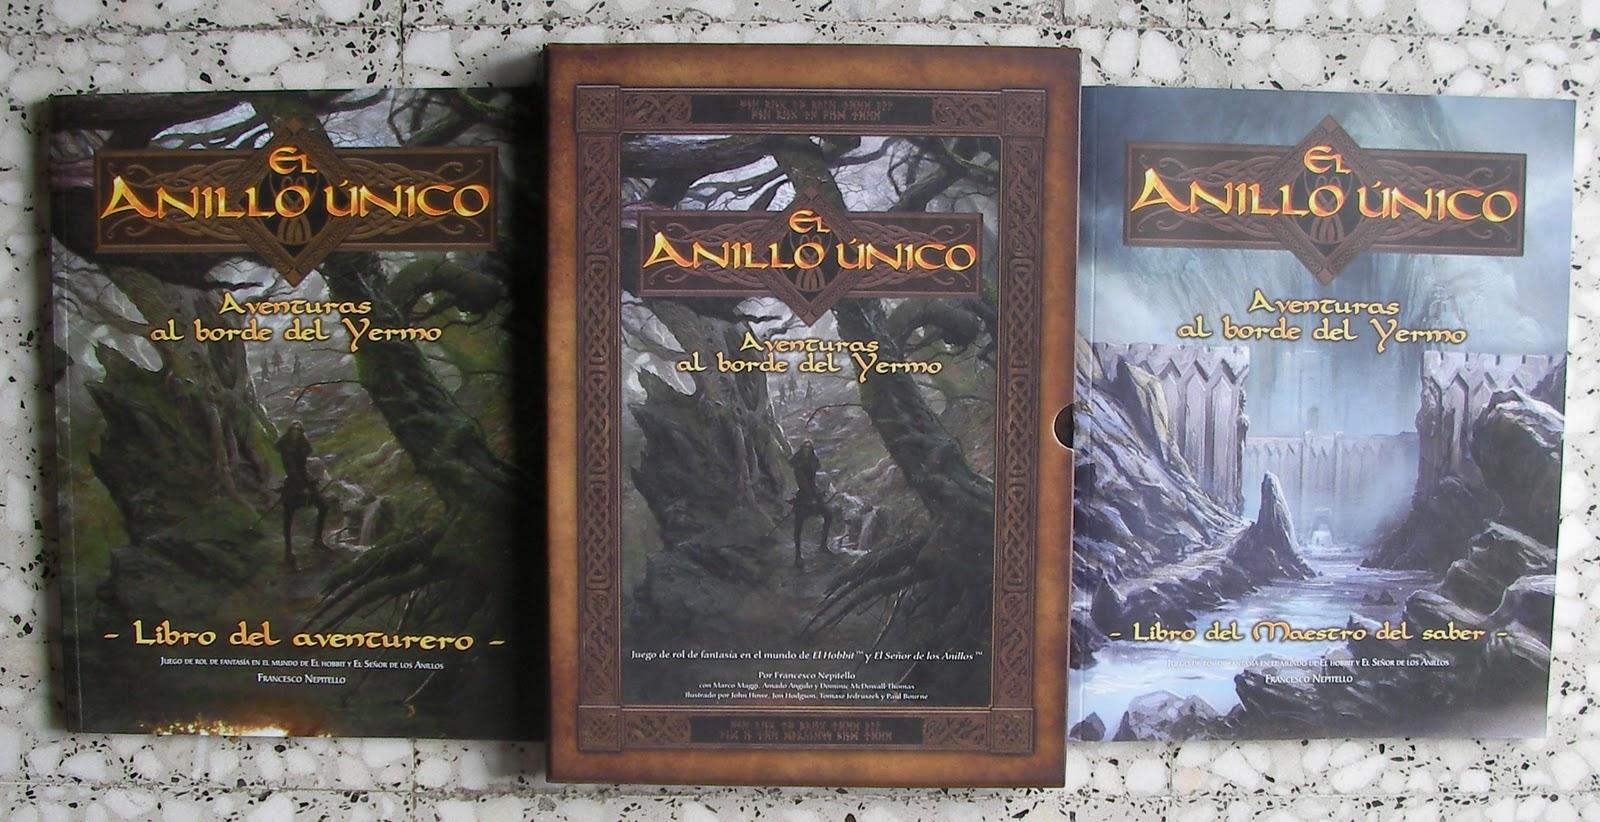 Silvermoon Studio RPG: El Anillo Único - Aventuras al borde del Yermo